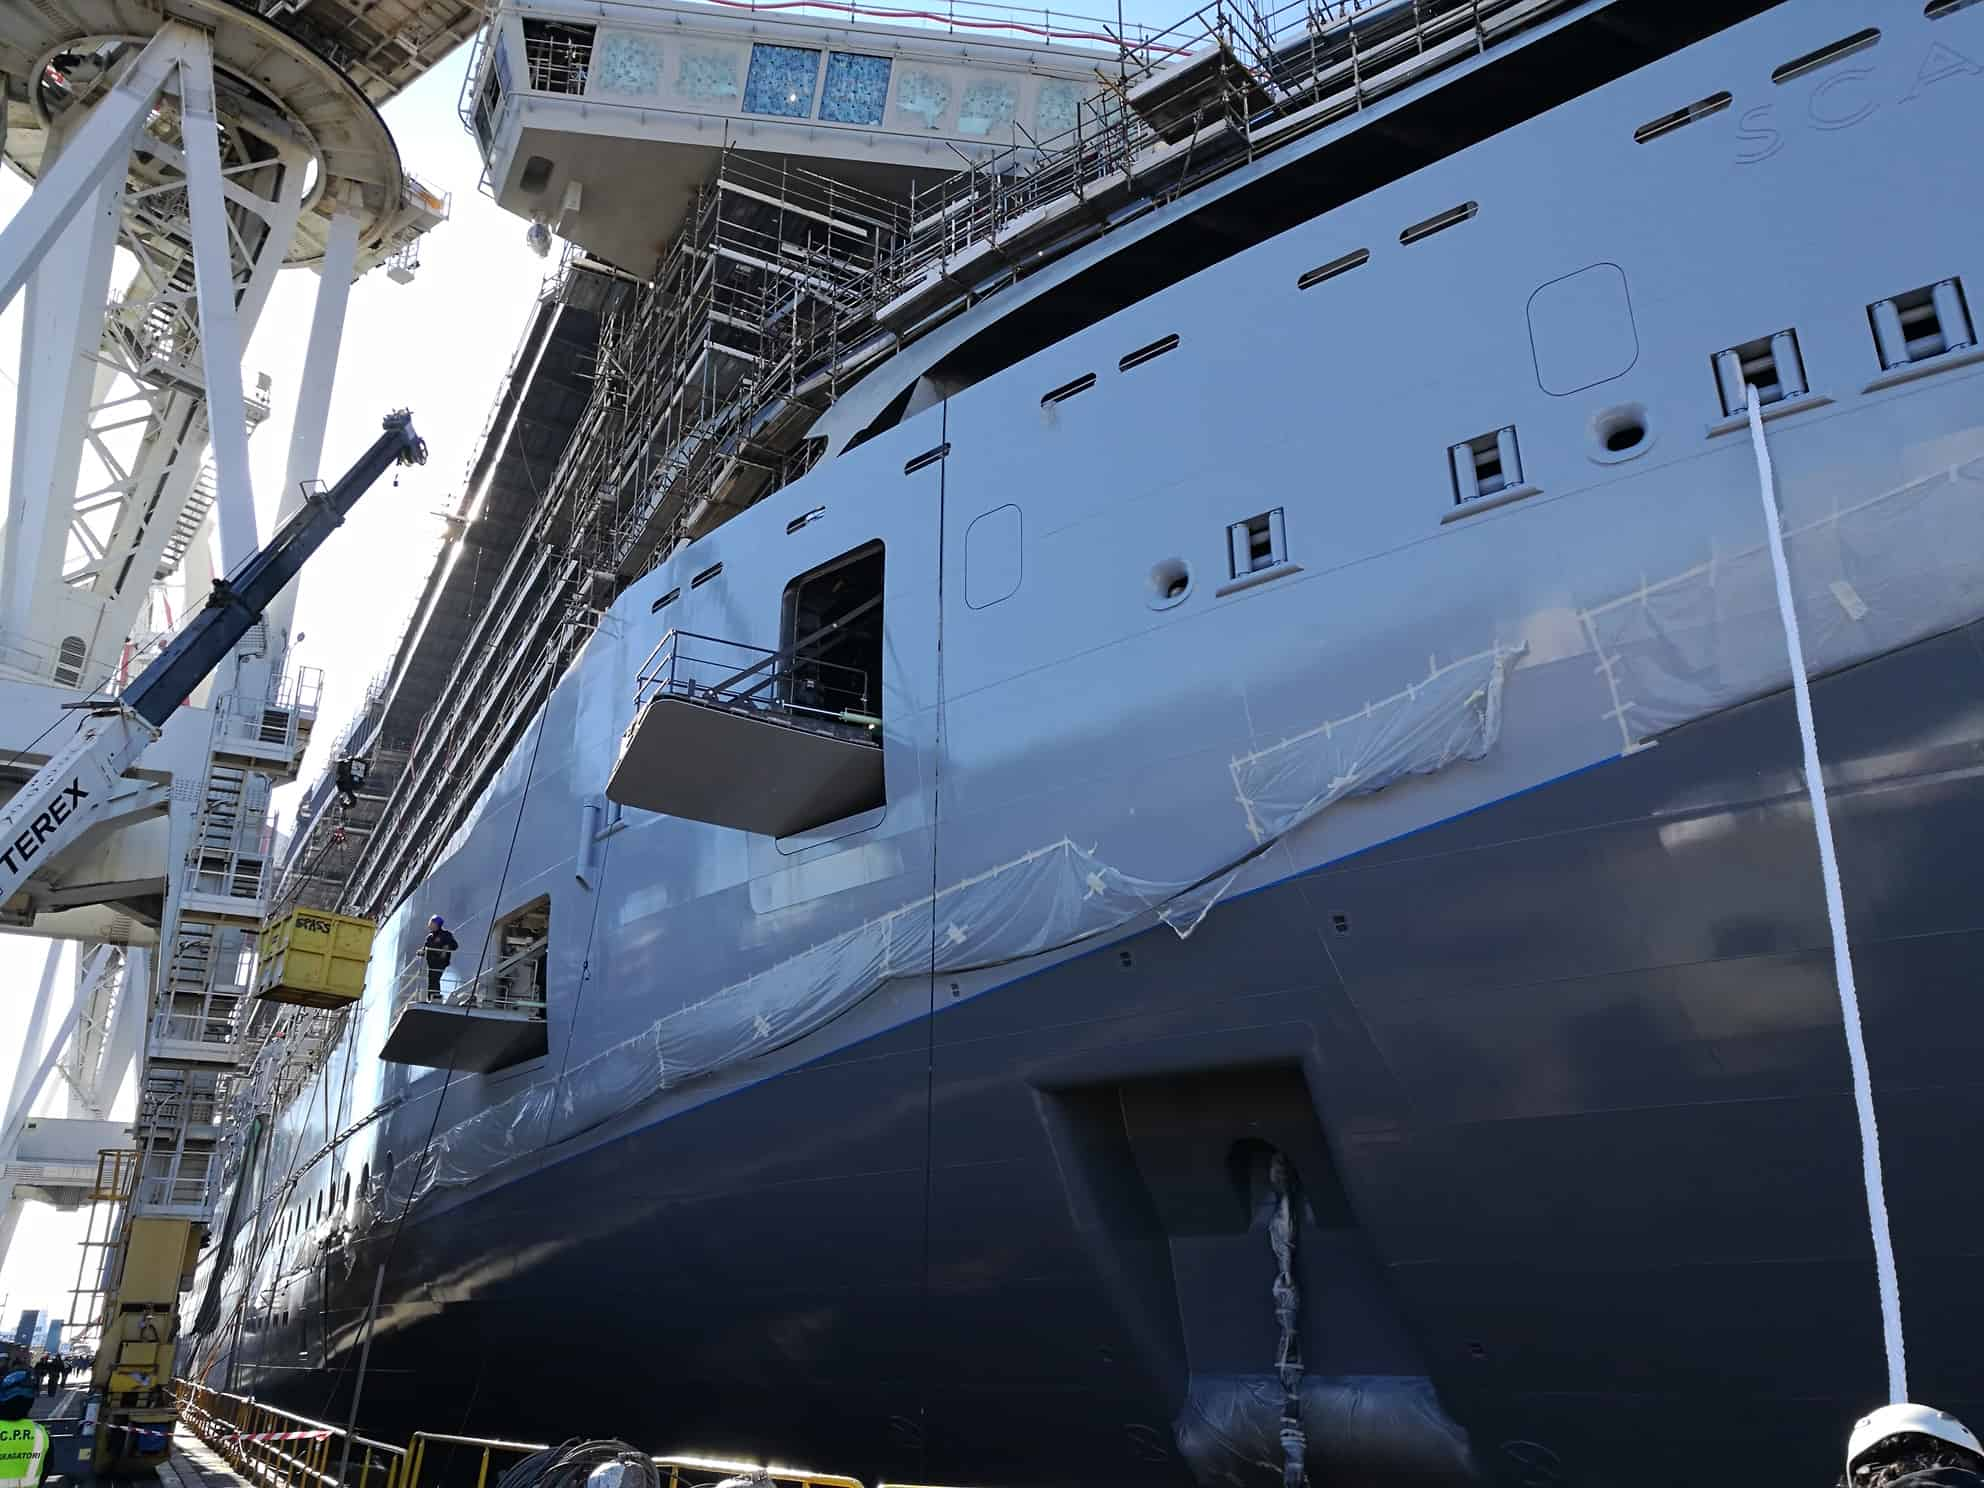 News sur la navale mondiale (les chantiers de constructions navales-dont chantiers STX stNaz) - Page 9 4